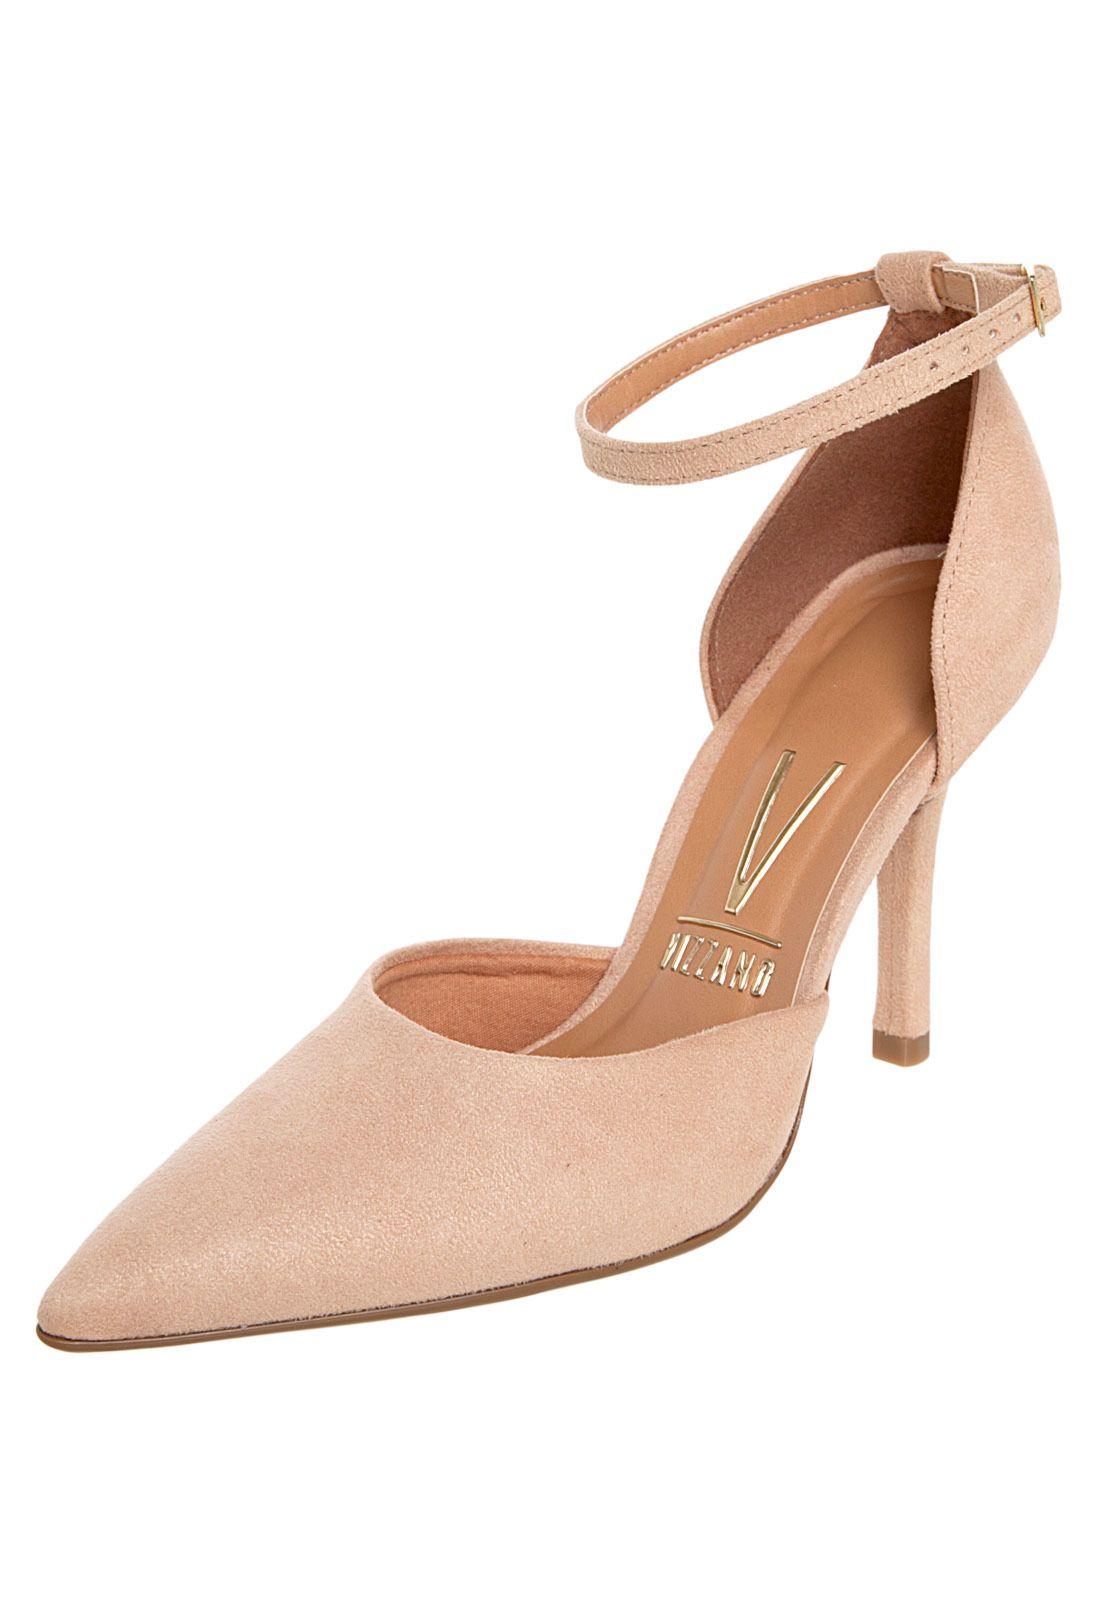 5c86e520c Scarpin Vizzano Pulseira Nude | Bags & Shoes | Scarpin vizzano ...